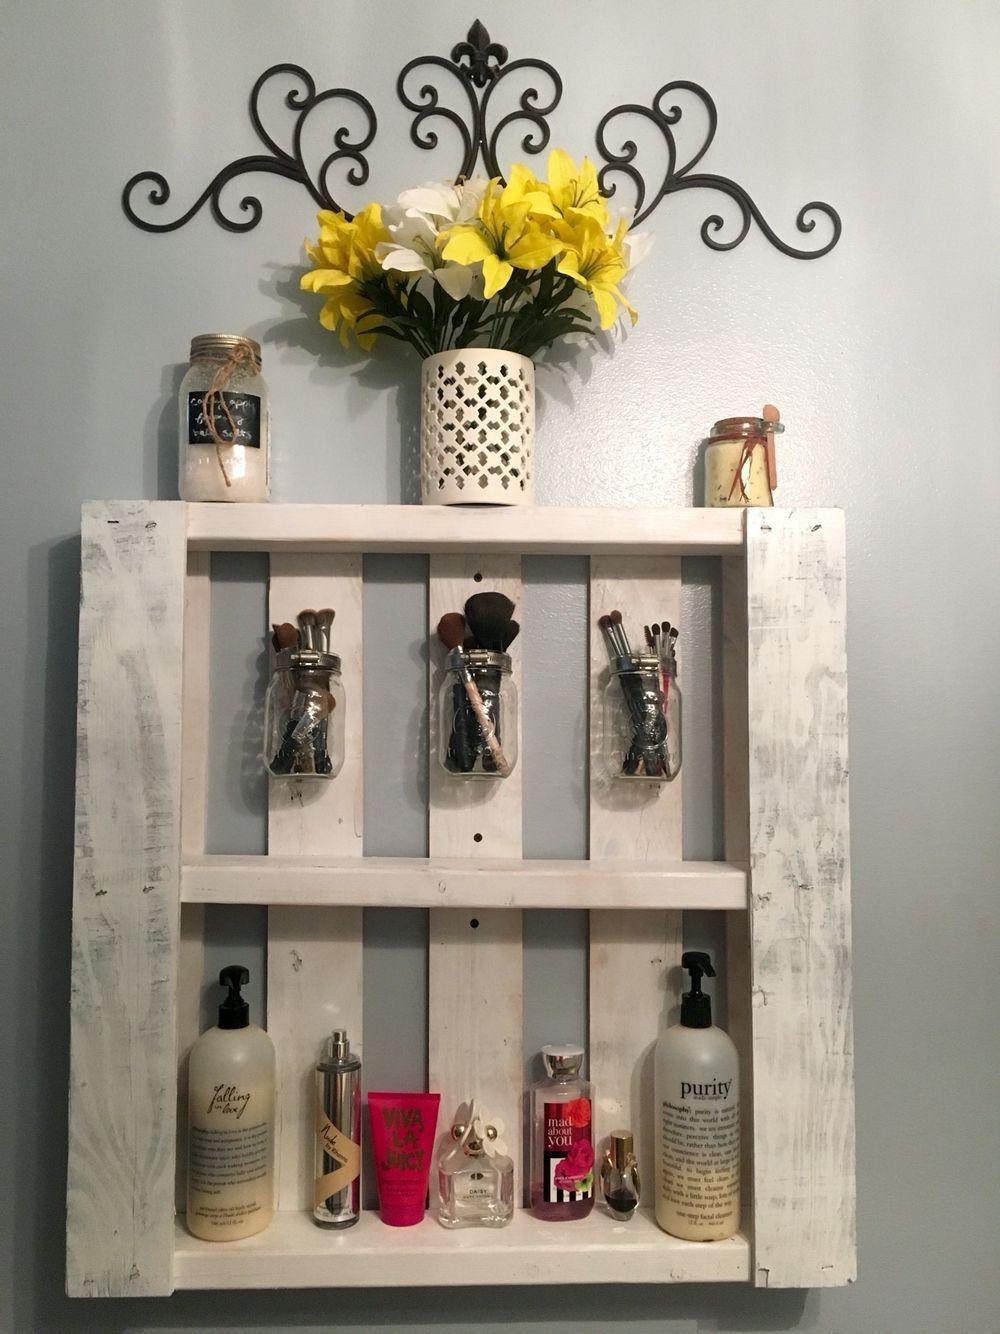 6. Pallet Shelves by simphome.com